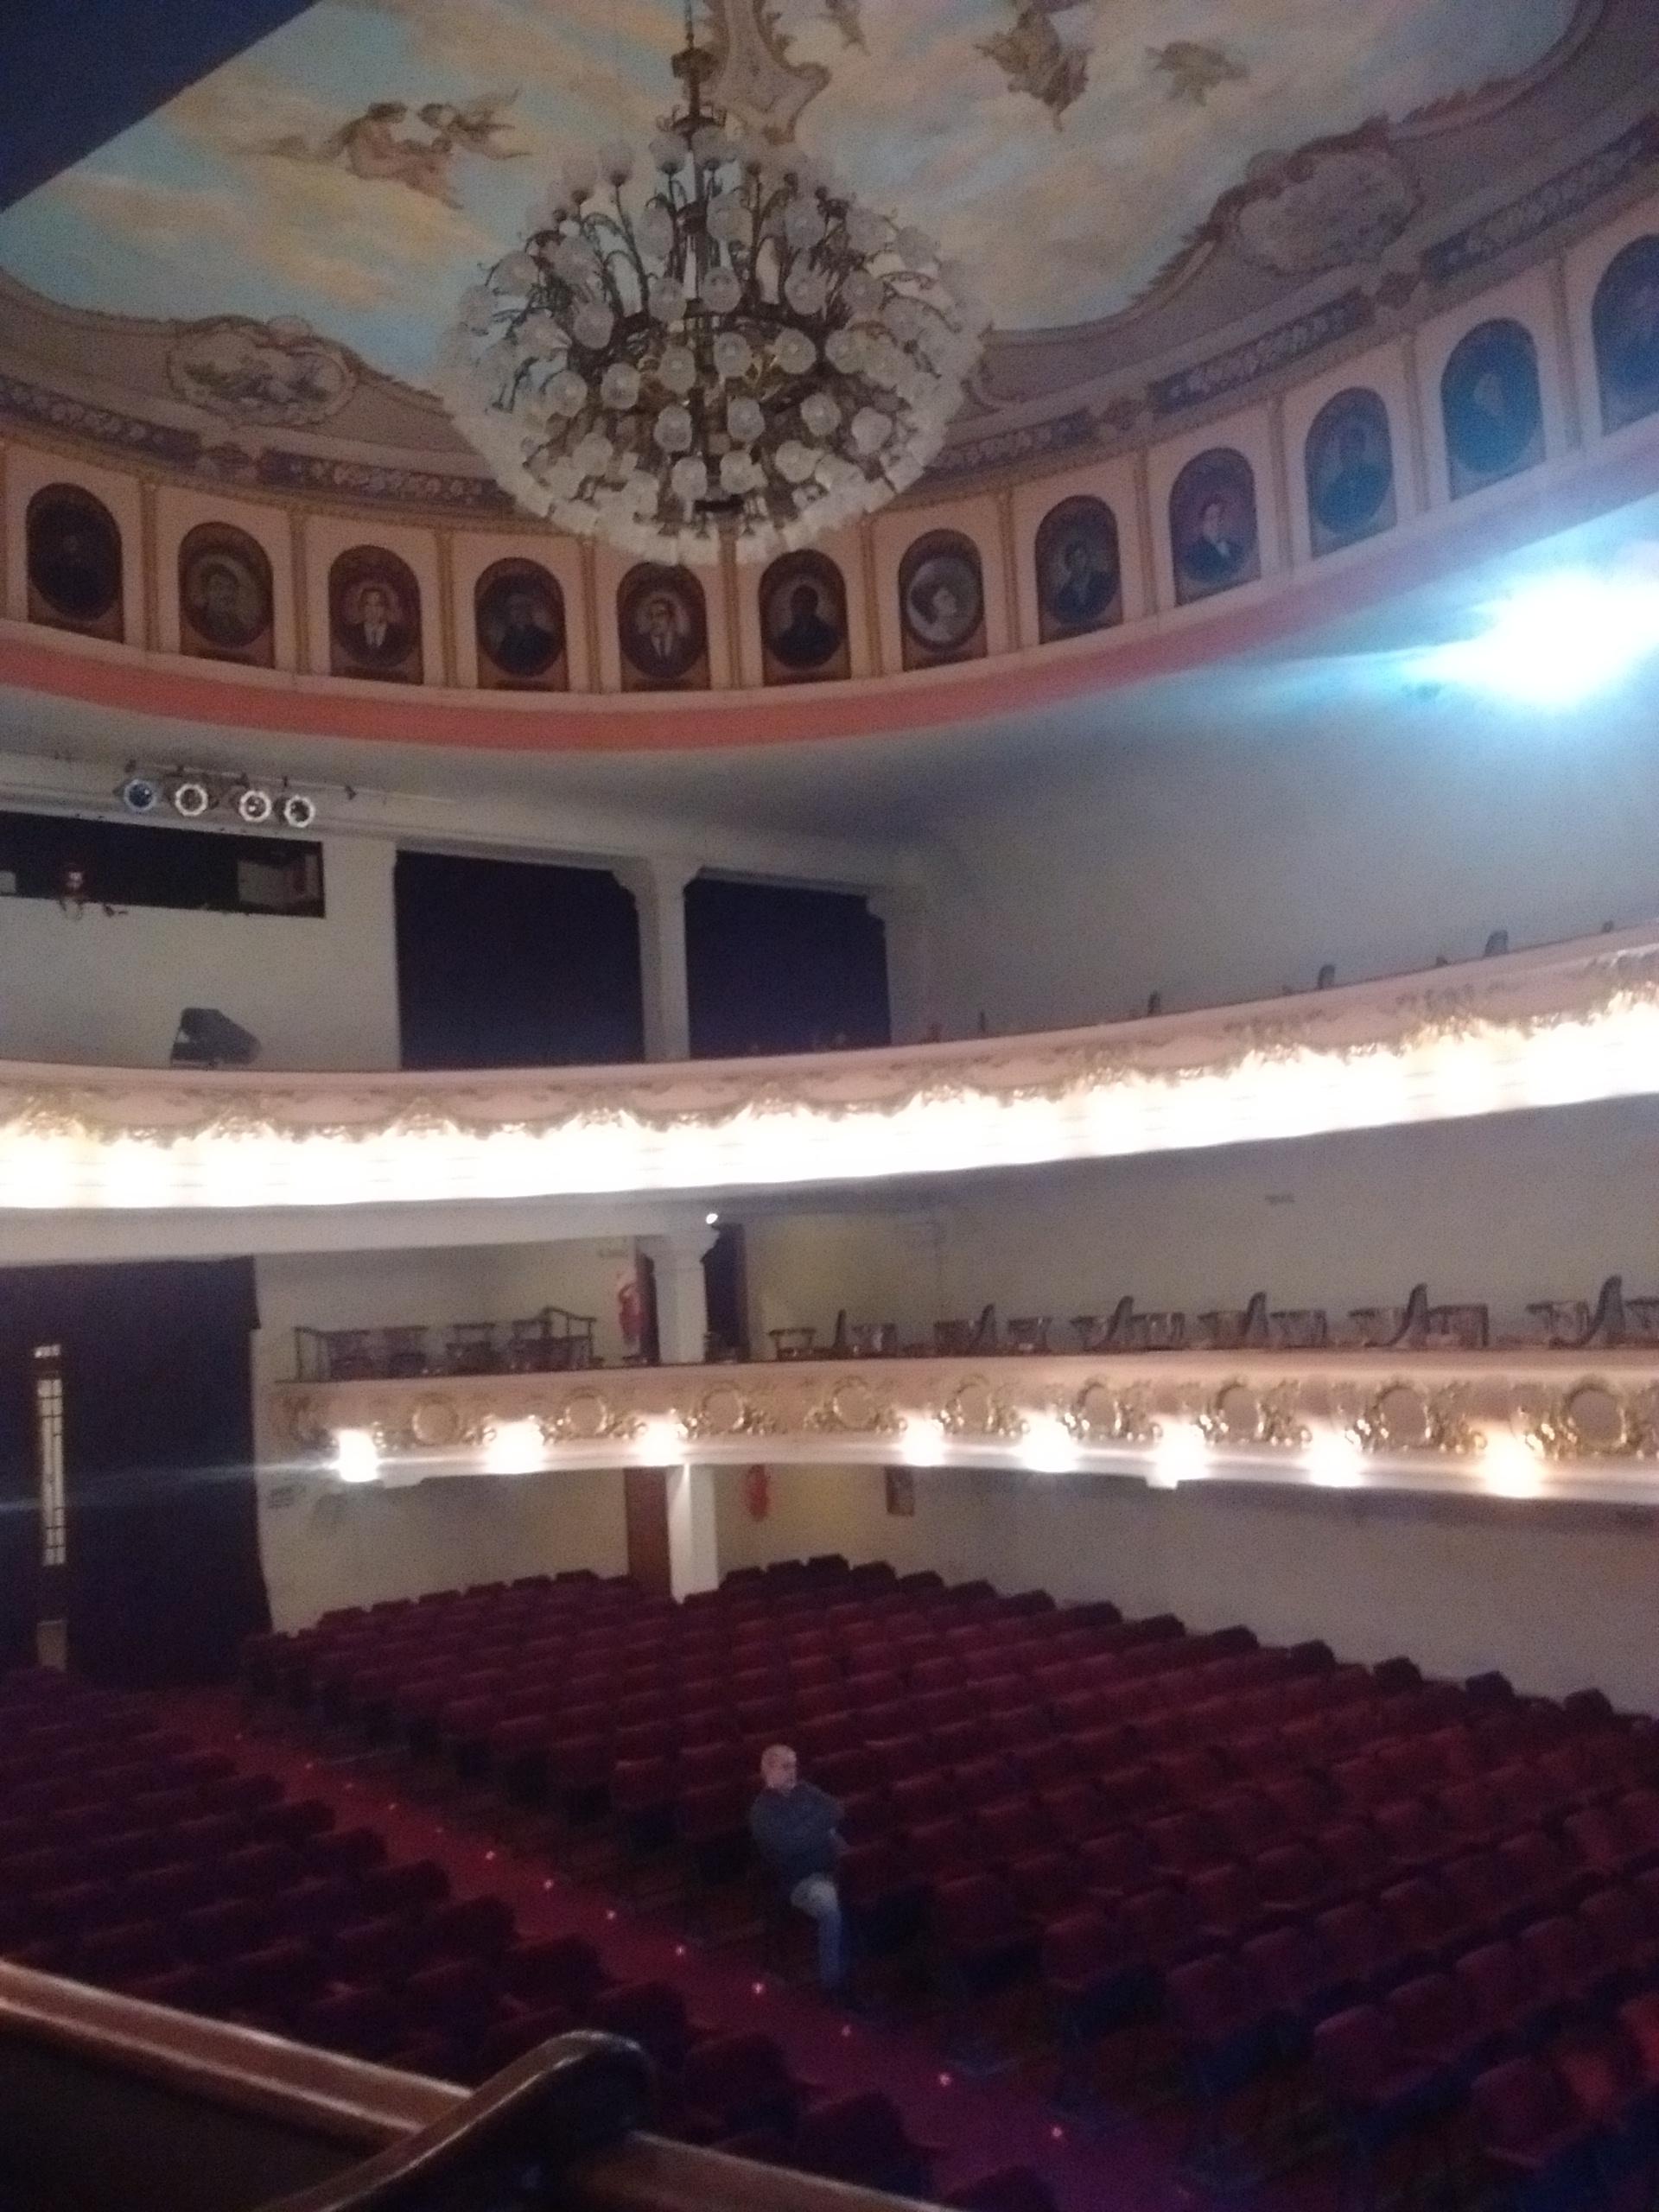 interior 2 - Teatro Roma